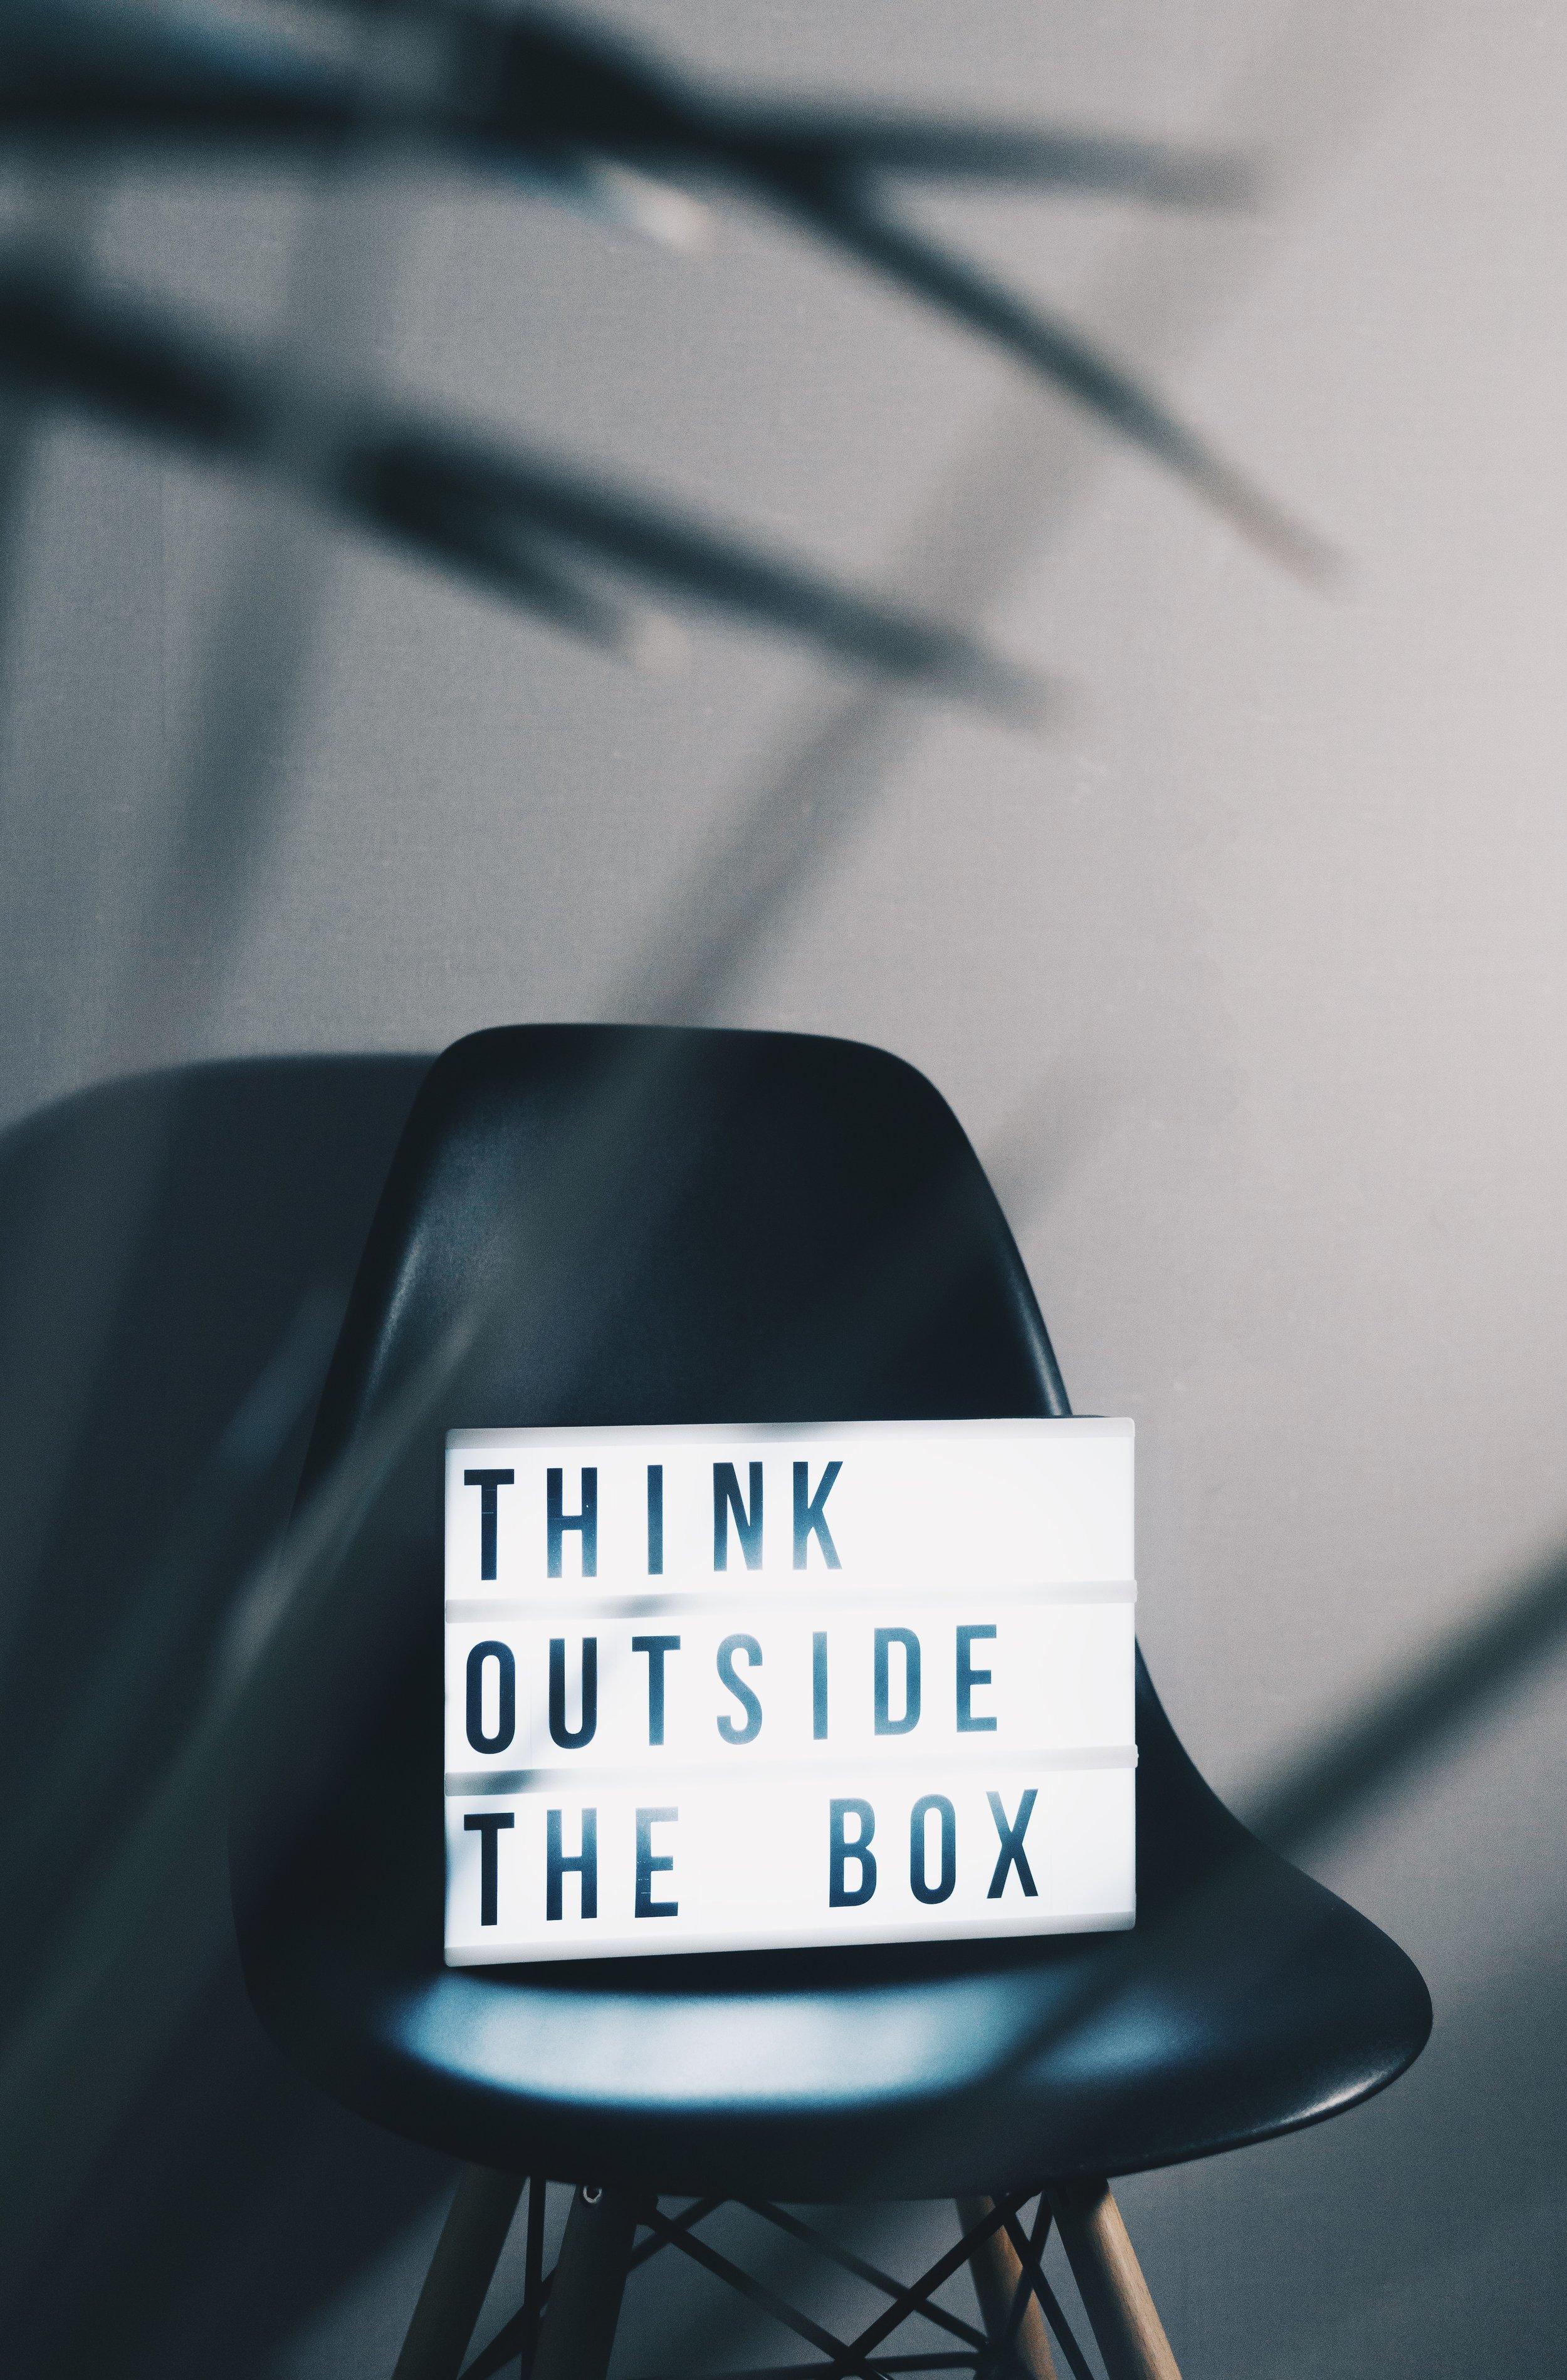 INNOVATE. - Unser interdisziplinäres Team aus allen Bereichen des Innovations-managements arbeitet konsequent nutzerorientiert und bindet die Zielgruppen aktiv in die Erstellung von Produkten und Services ein. Dazu nutzen wir eine Sandbox, die gefüllt ist mit unterschiedlichsten Methoden und Werkzeugen.